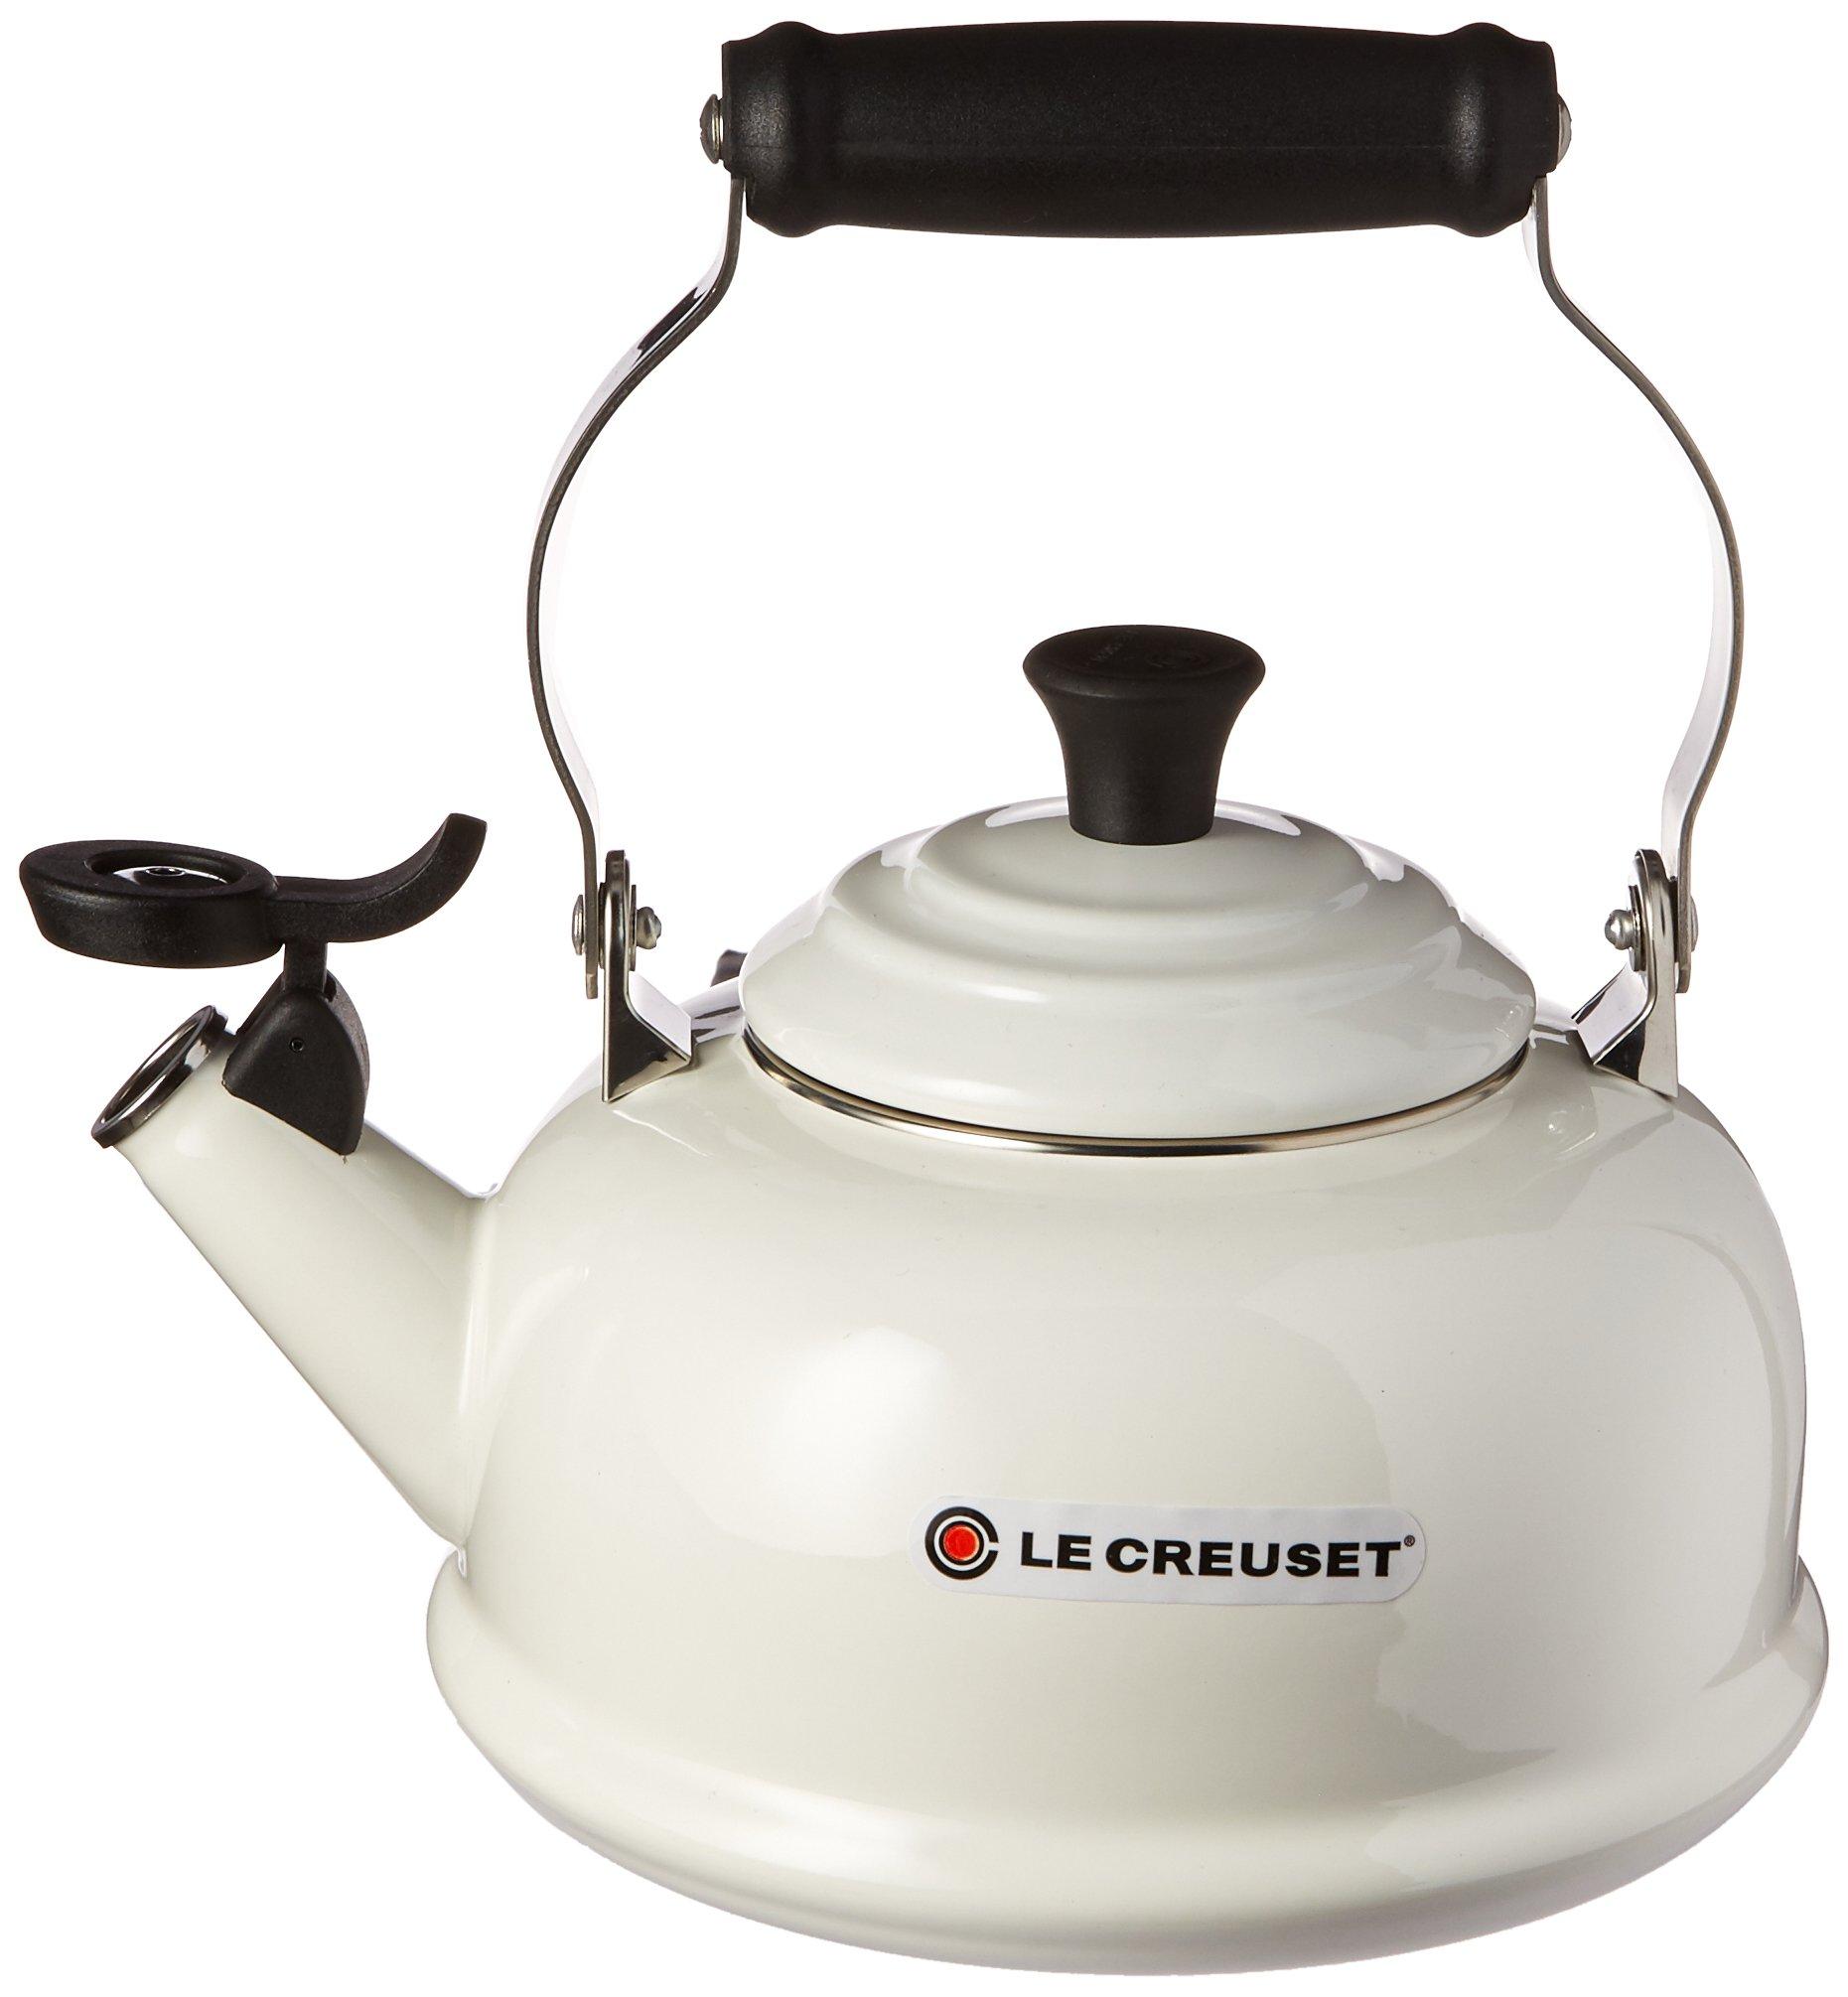 Le Creuset Q3101-16 Enamel-on-Steel Whistling 1-4/5-Quart Teakettle, White 1-4/5